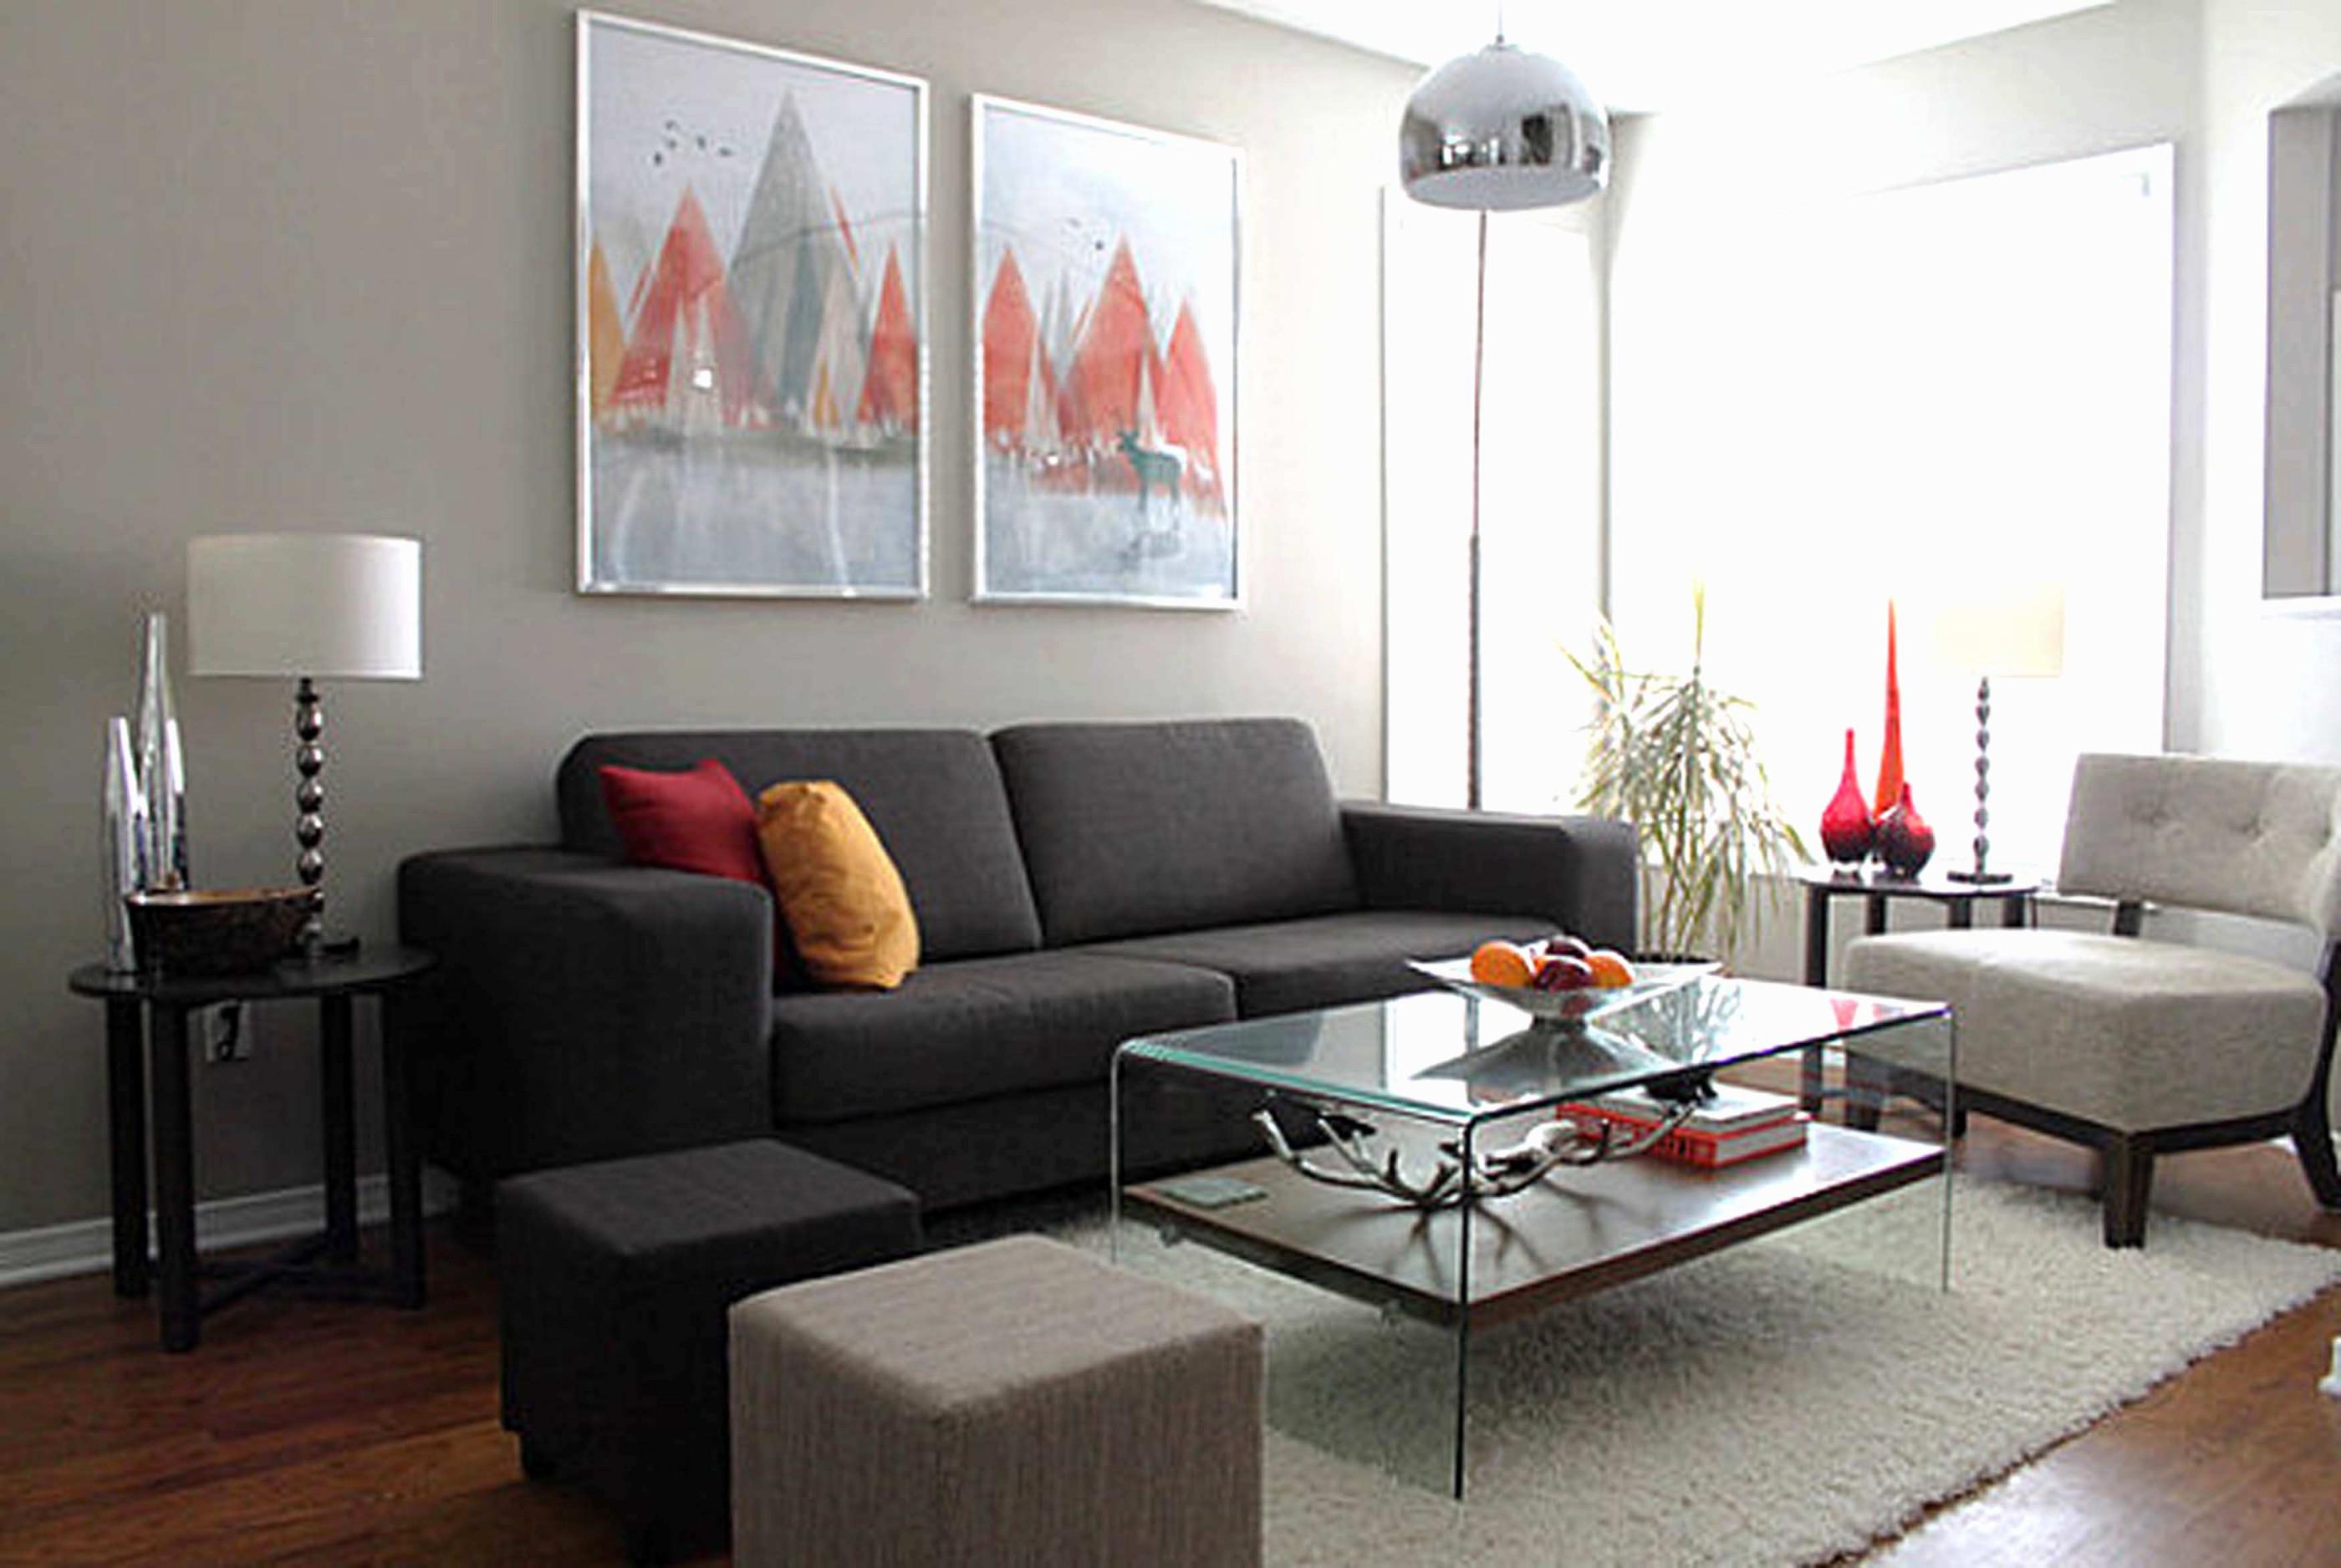 Schöne Bilder Fürs Wohnzimmer Inspirierend Schöne Wohnzimmer von Schöne Bilder Wohnzimmer Photo